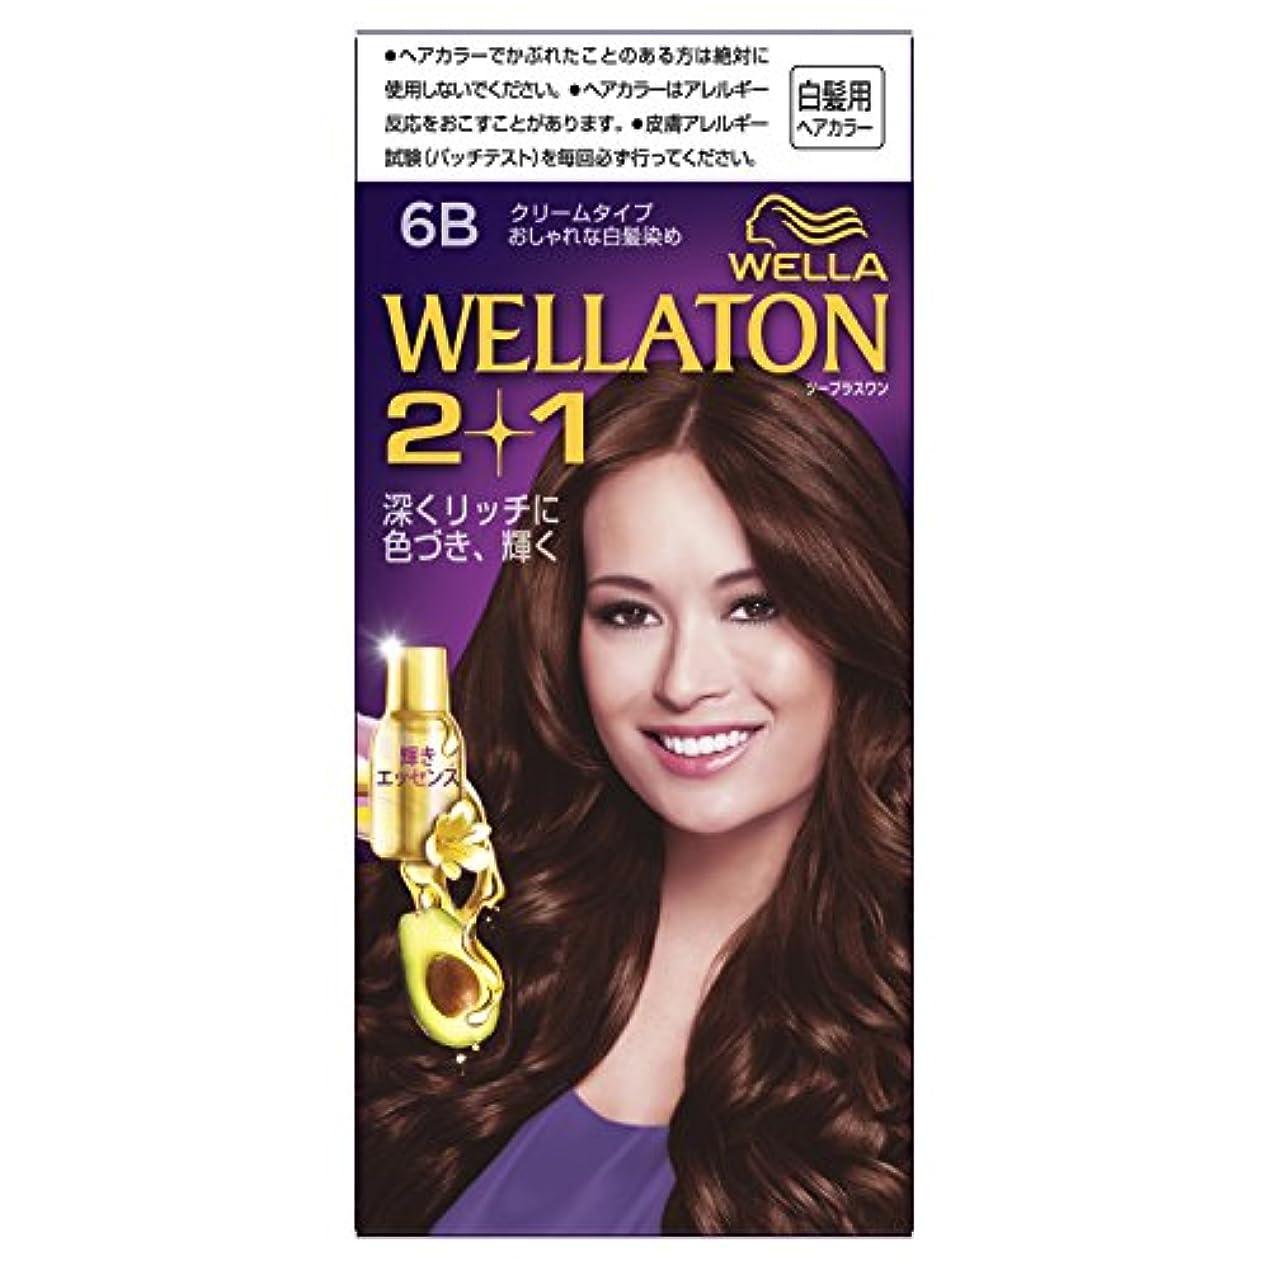 ランプしたい評価するウエラトーン2+1 クリームタイプ 6B [医薬部外品](おしゃれな白髪染め)